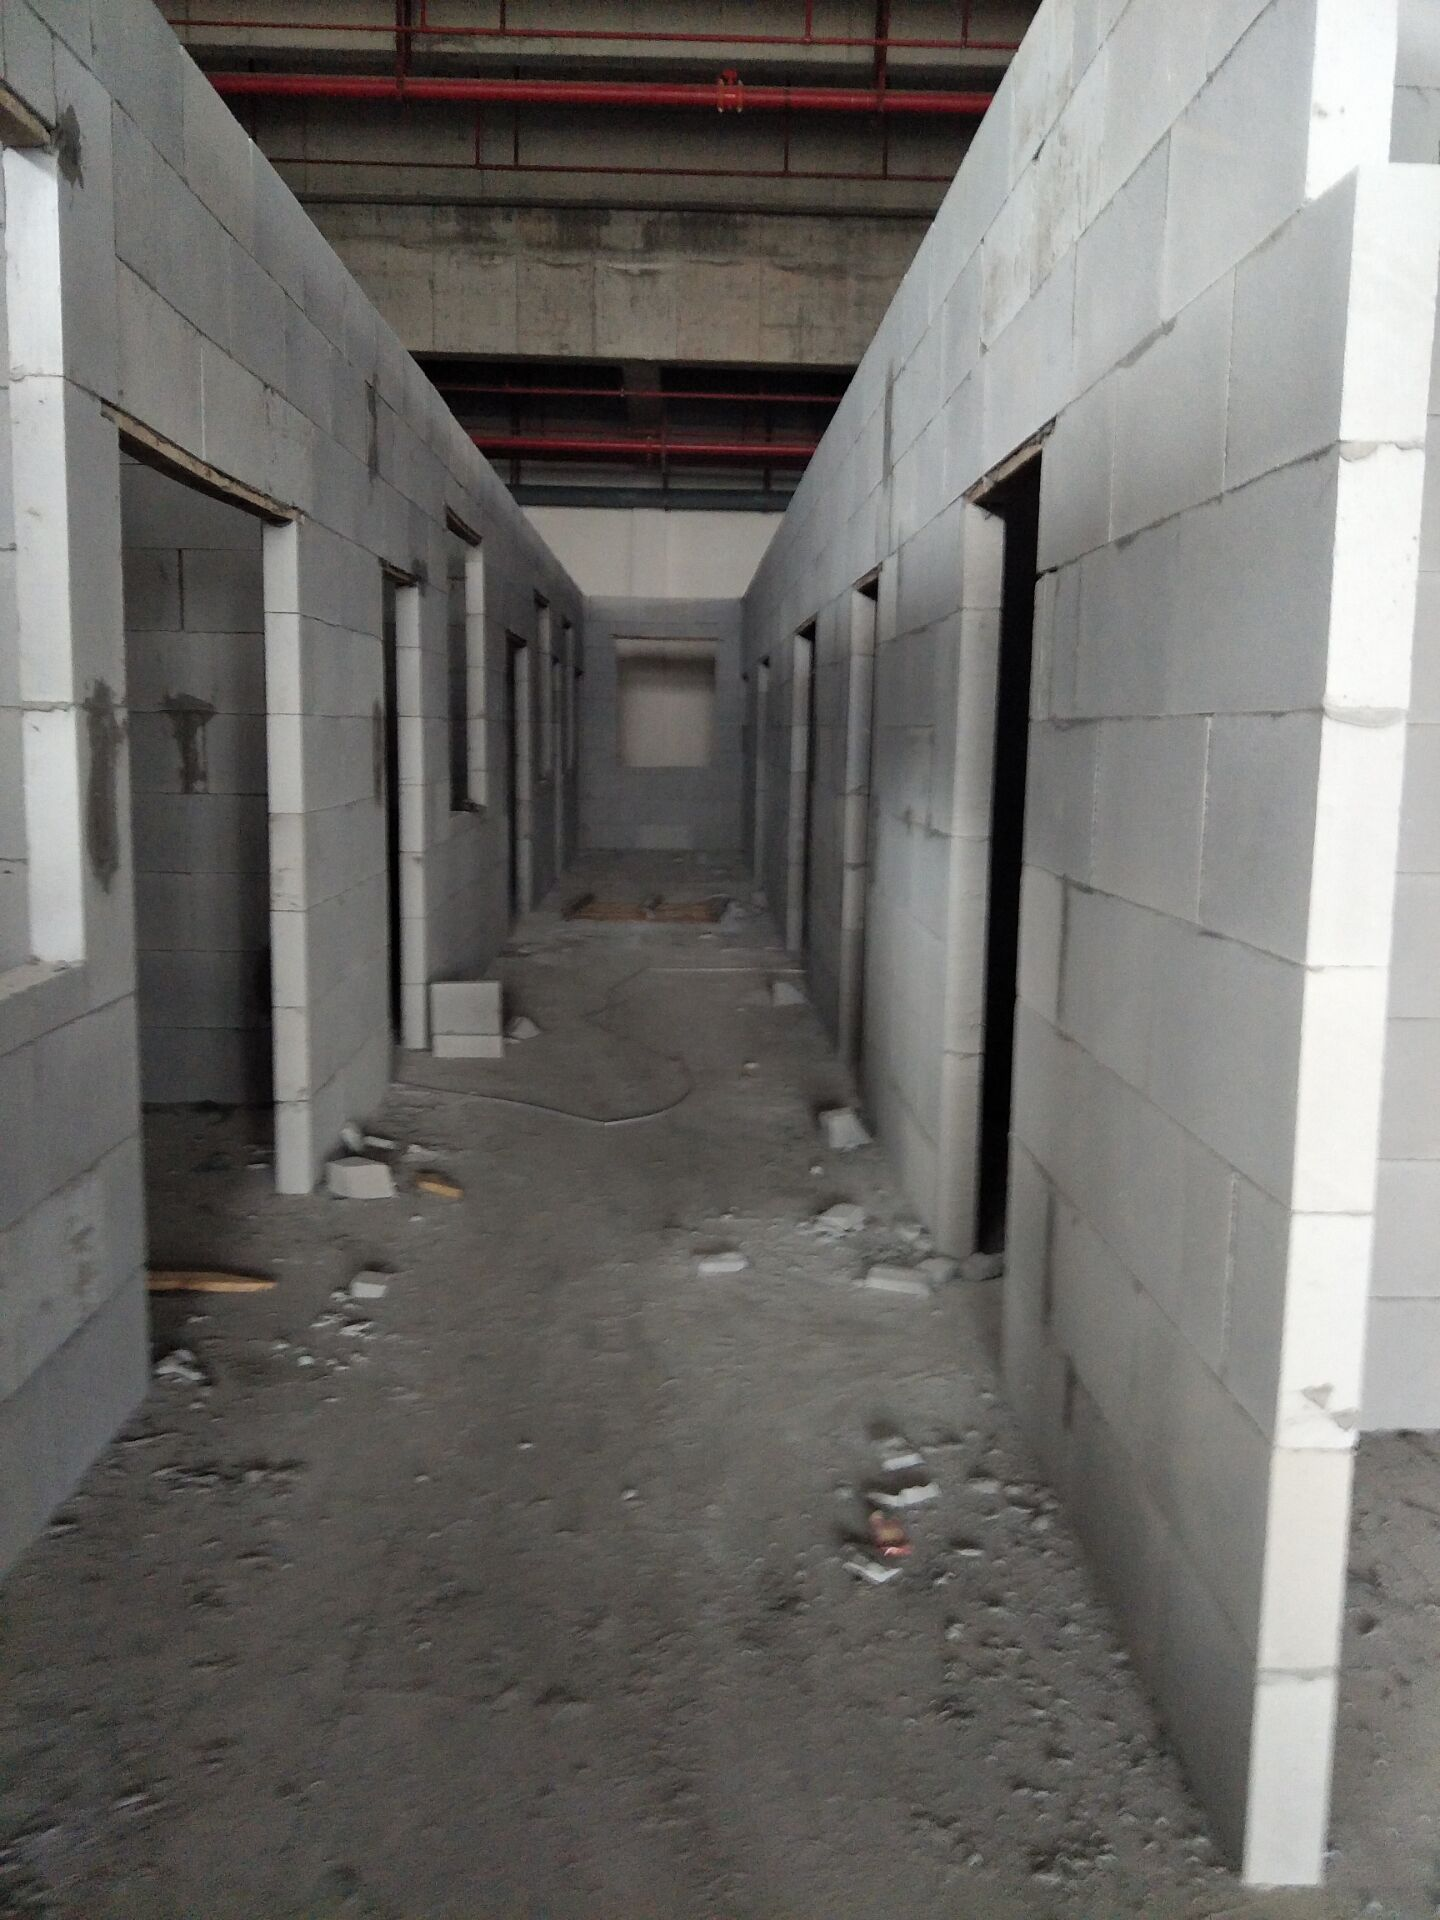 大渡口区含谷实验室隔墙